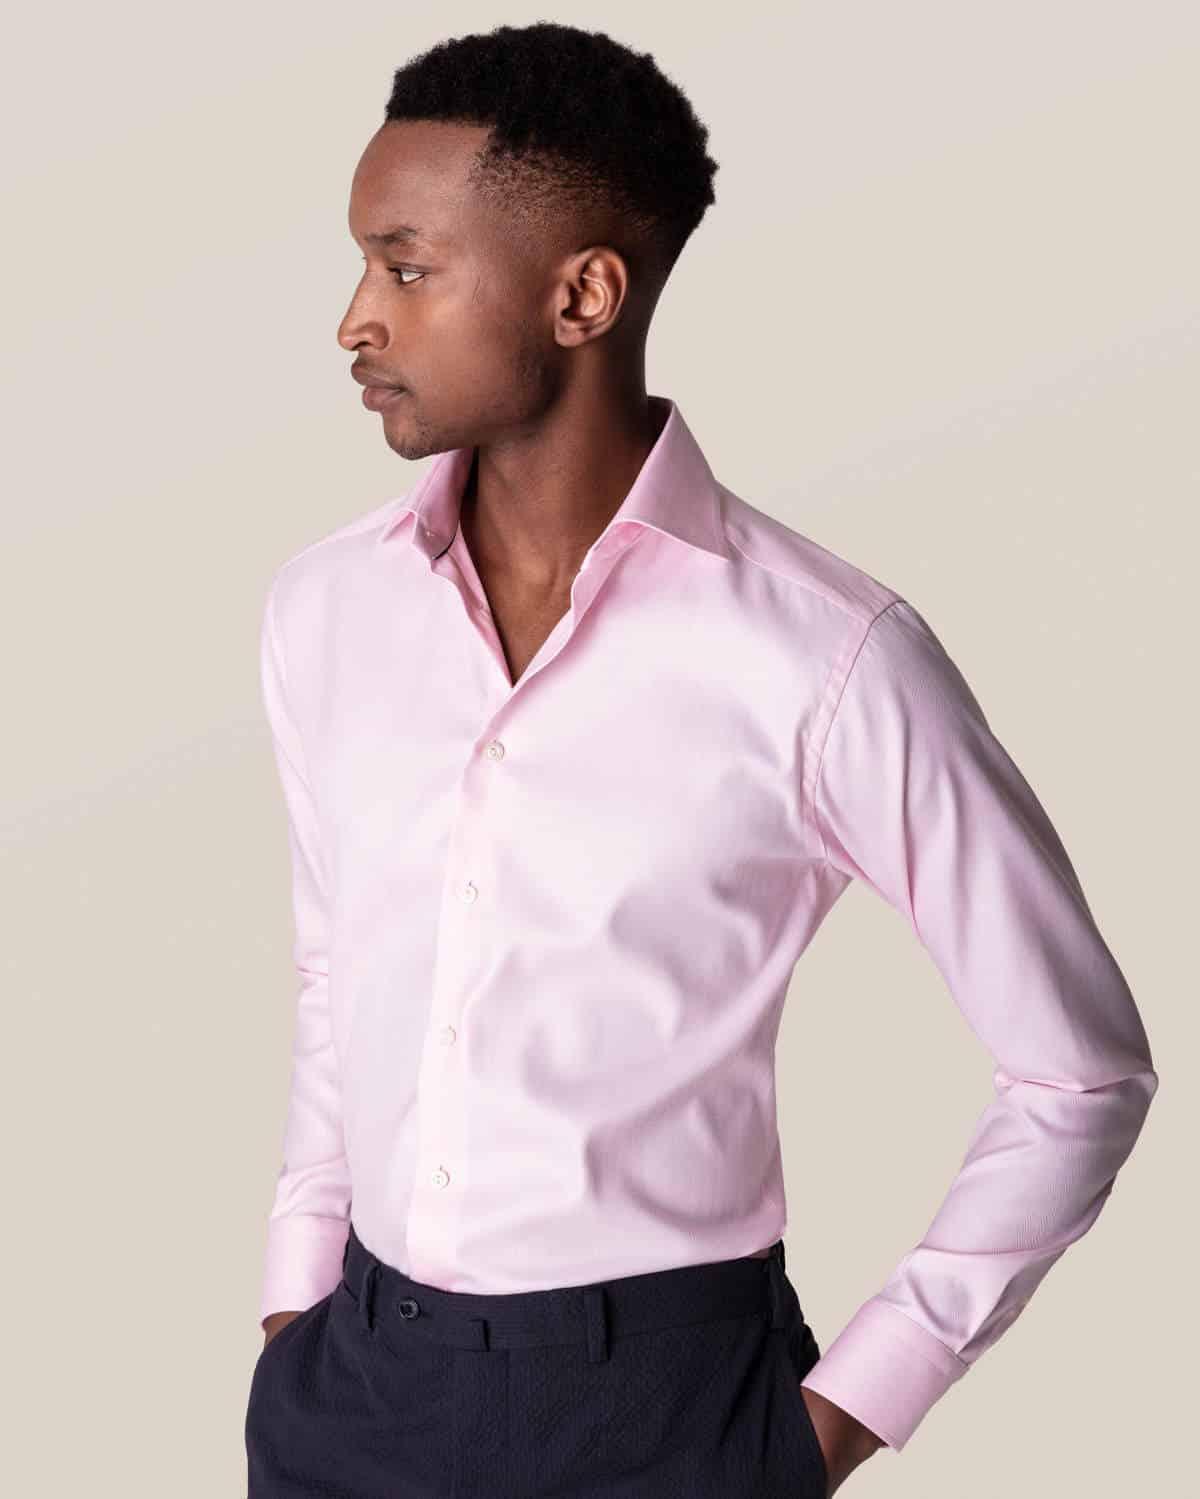 pink herringbone twill shirt thumbnail  3  2020 11 23T09 53 49.395Z - Bussiness Class